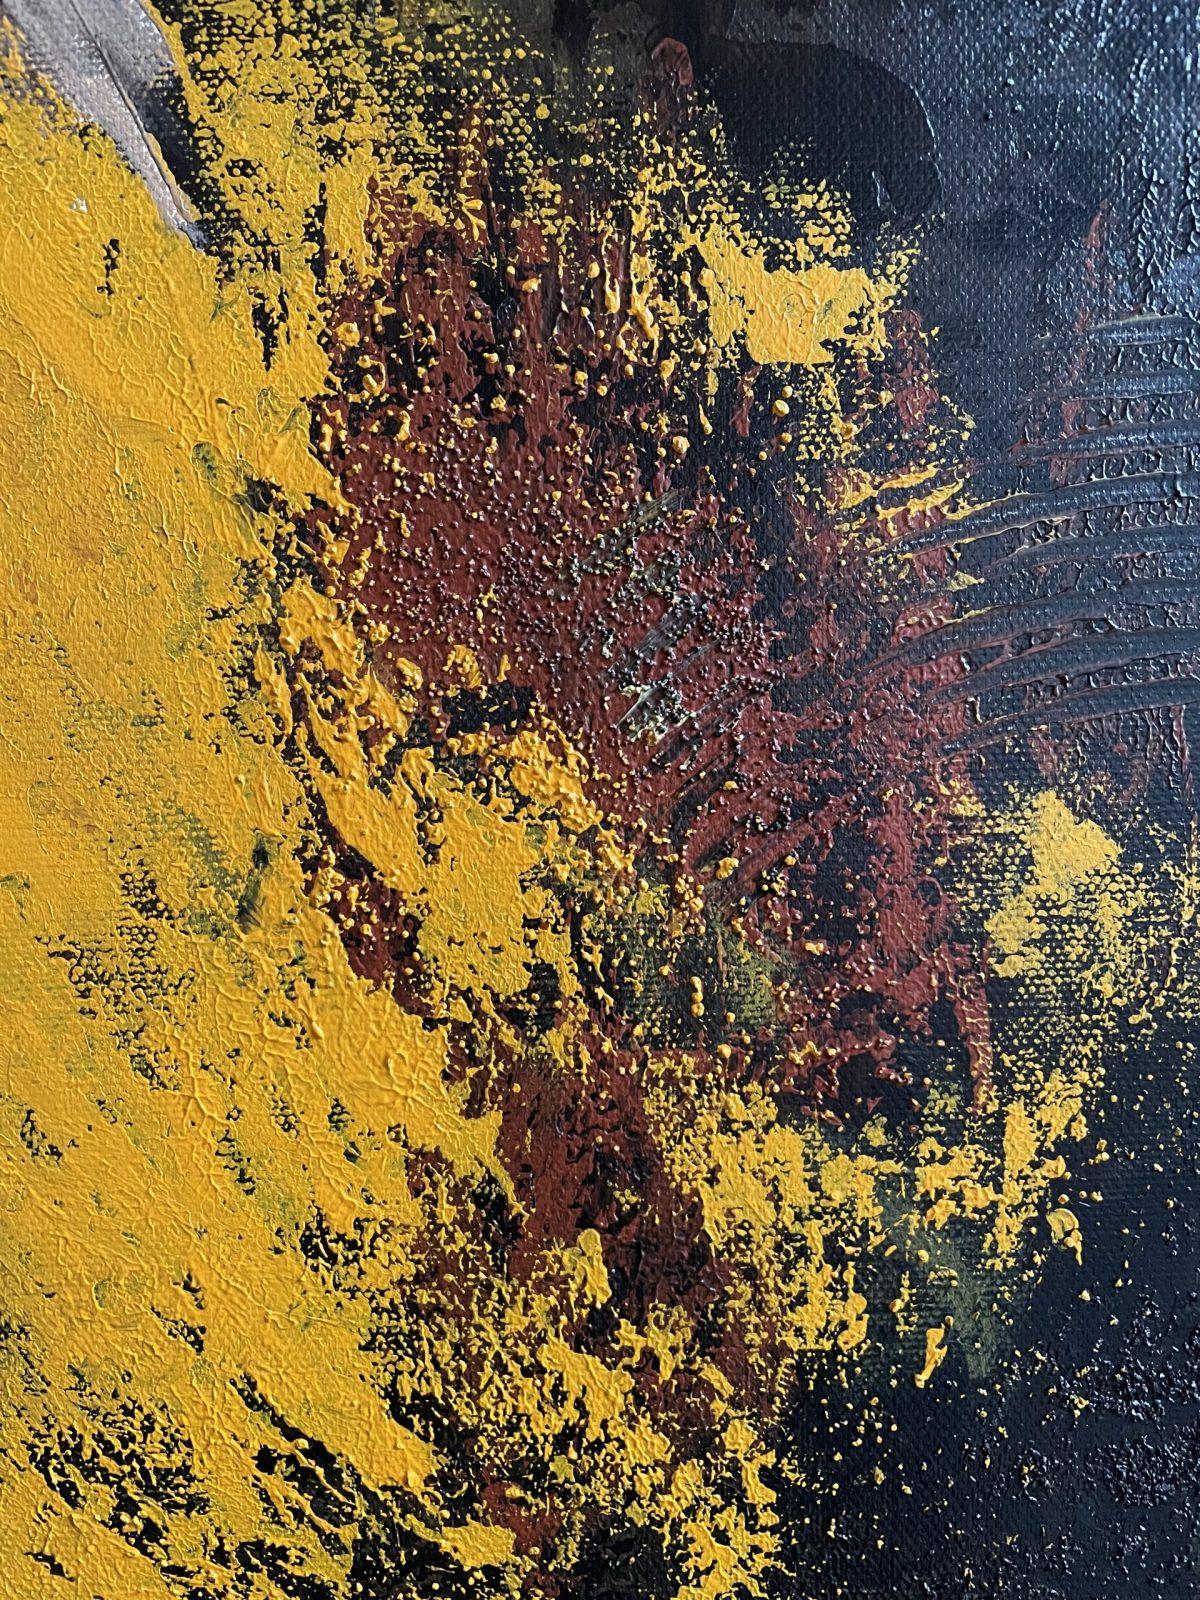 La danseuse du tango, gros plan sur la texture sableuse